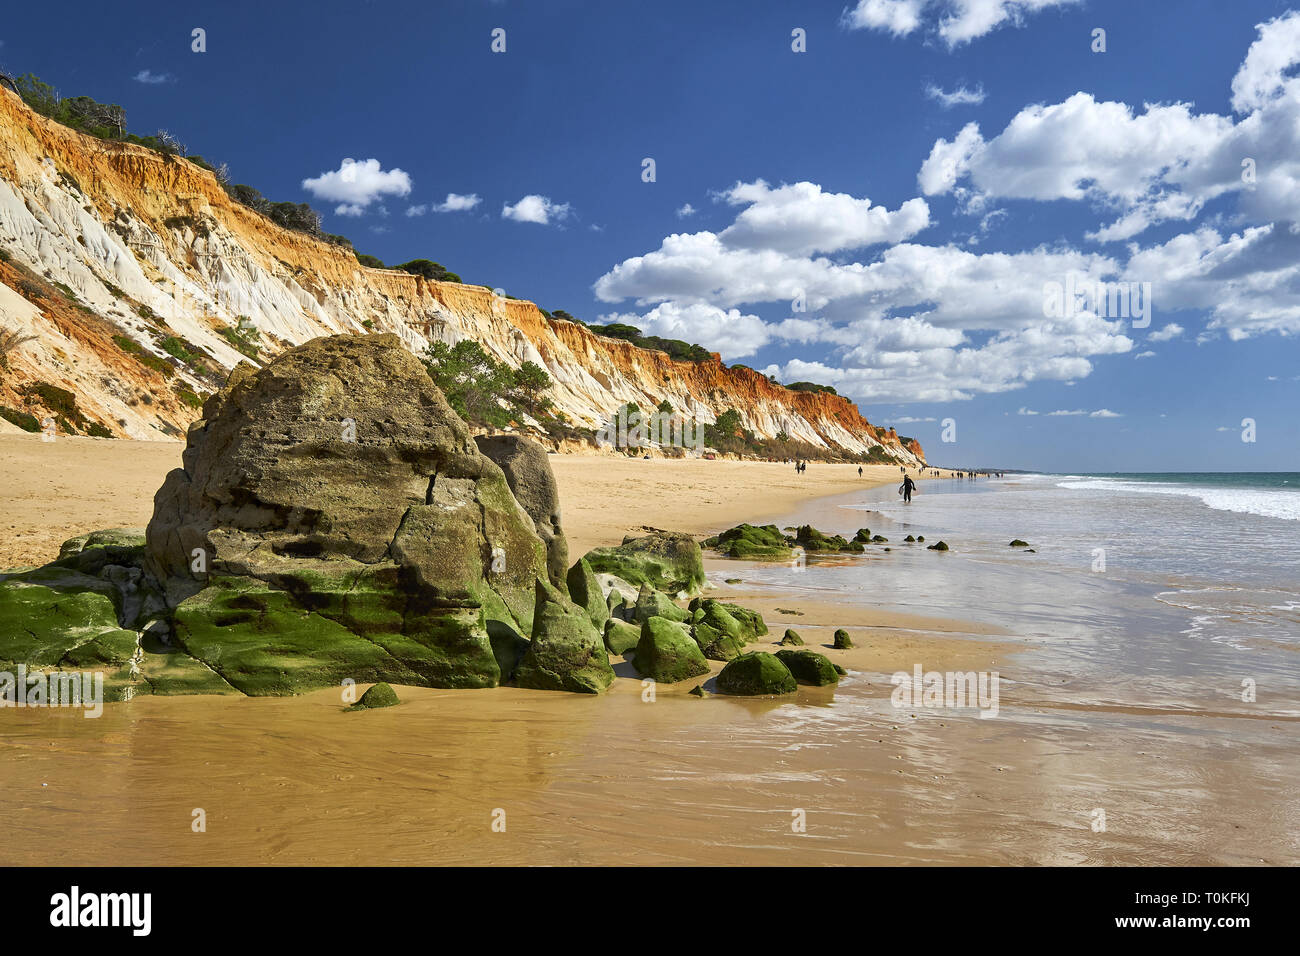 Praia da Falésia (Praia do Barranco das belharucas), Vilamoura, Quarteira, Faro, Algarve, Portugal Stockfoto